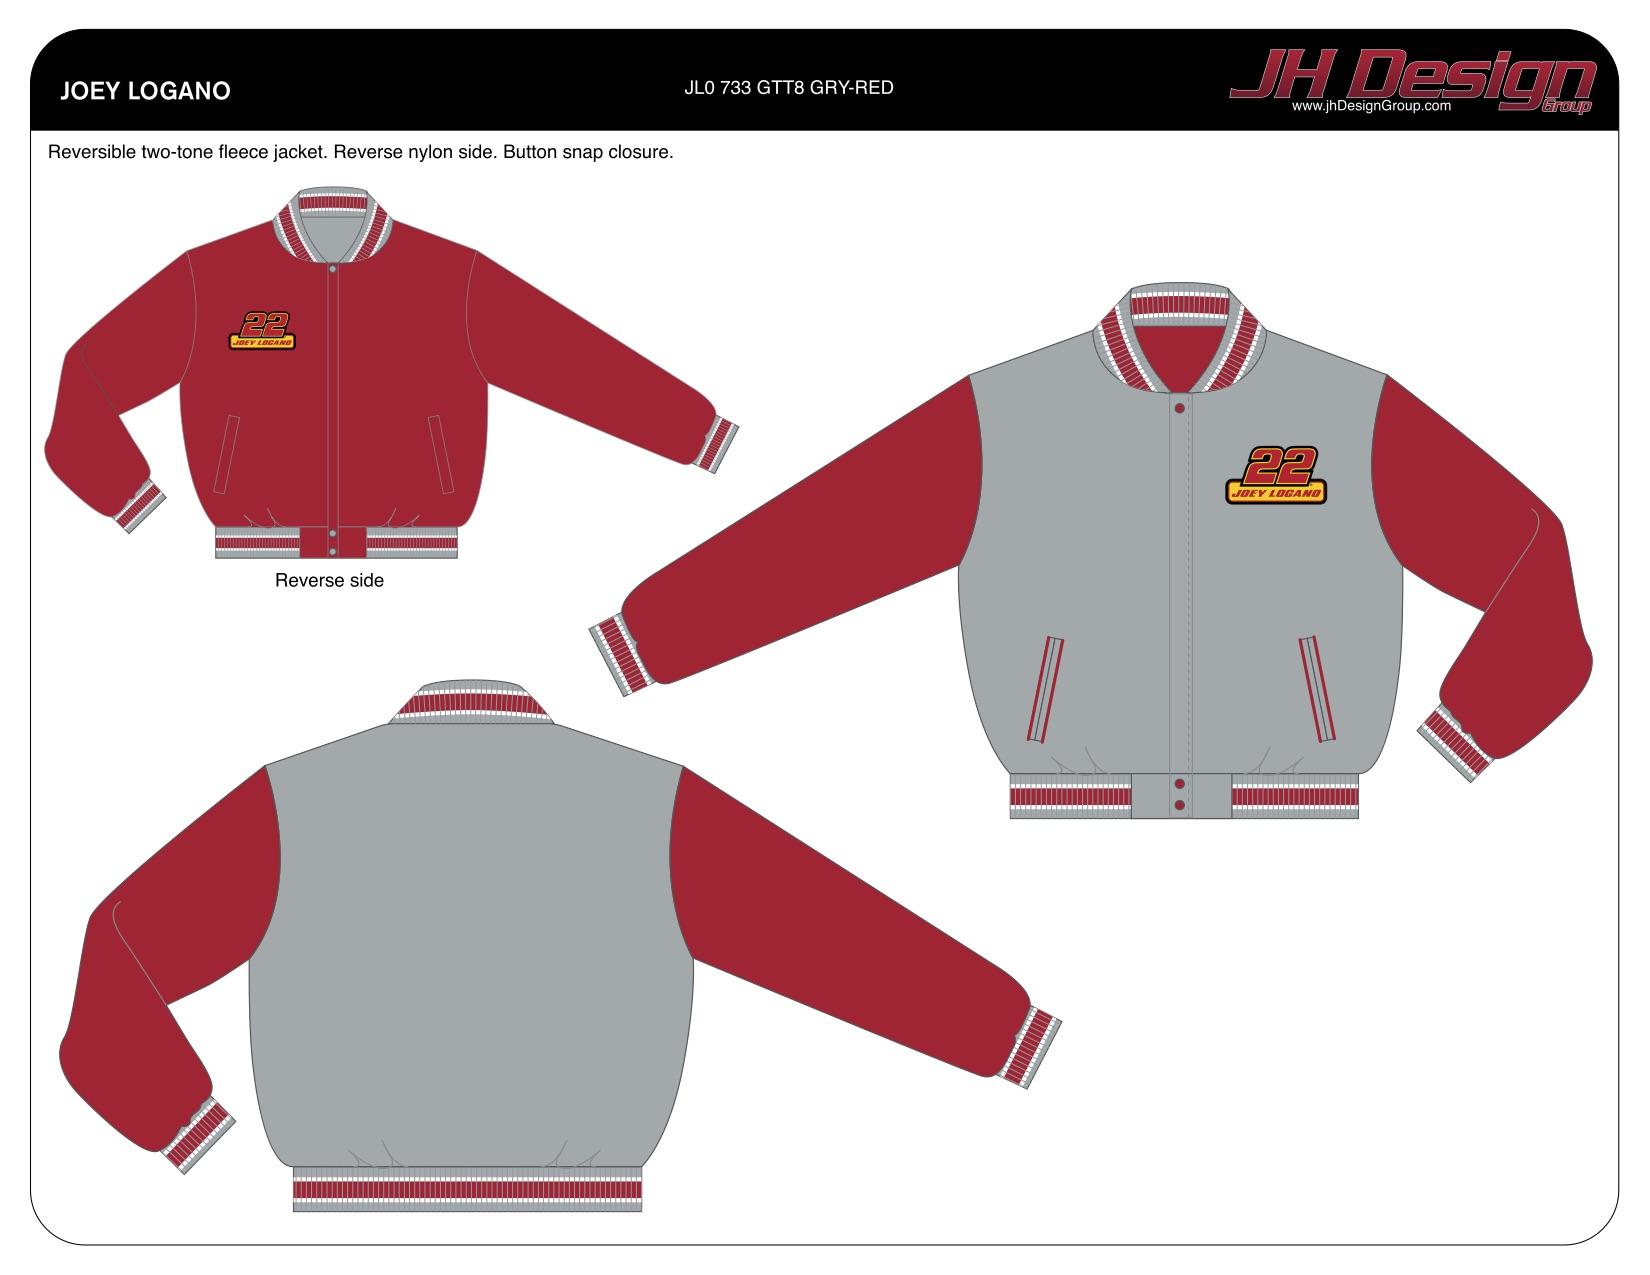 JL0 733 GTT8 GRY-RED